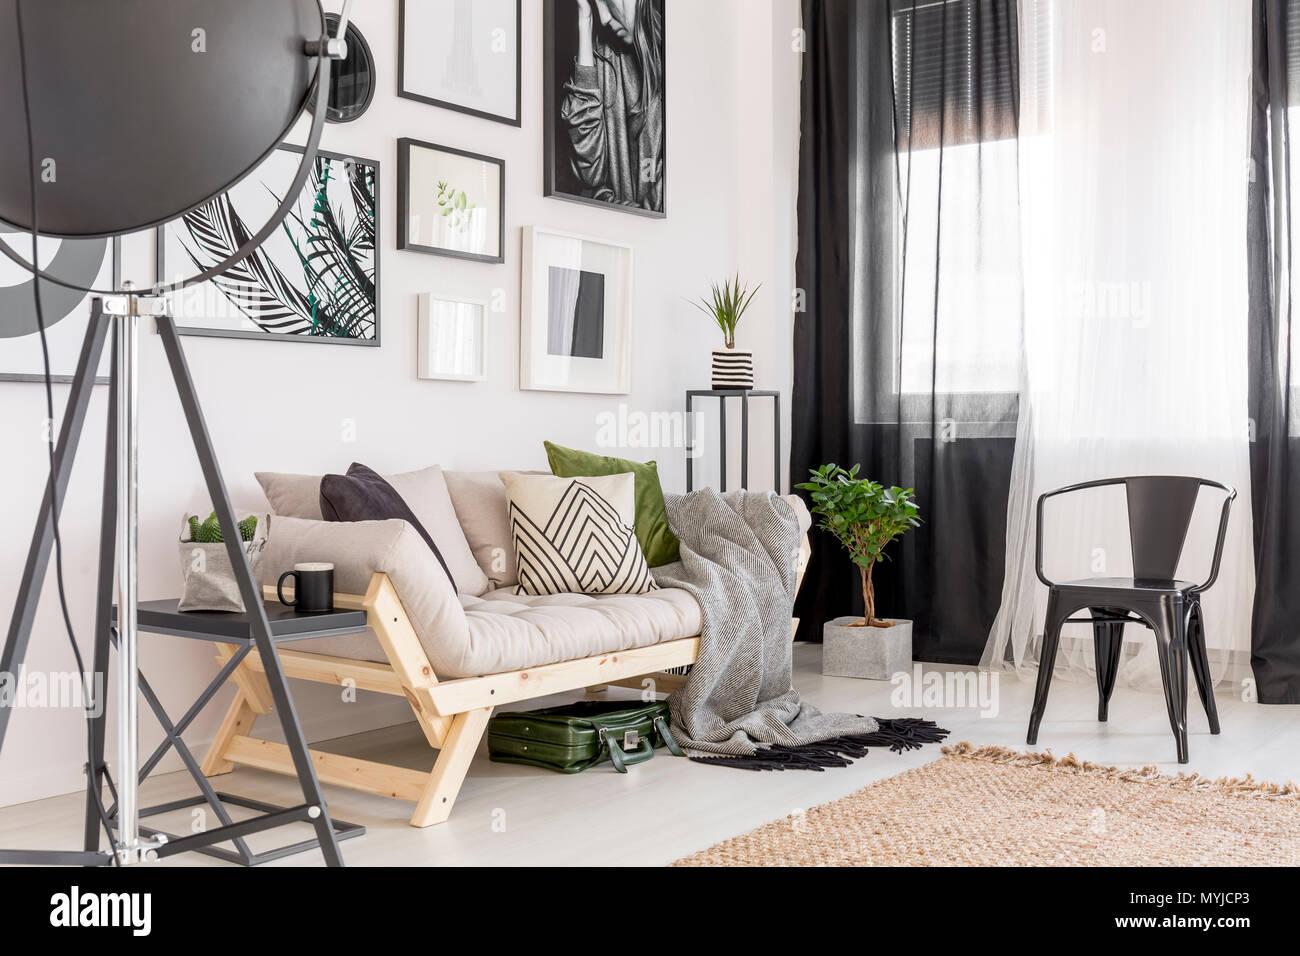 Galerie Der Poster über Dem Sofa Neben Werk Und Schwarzen Stuhl Im